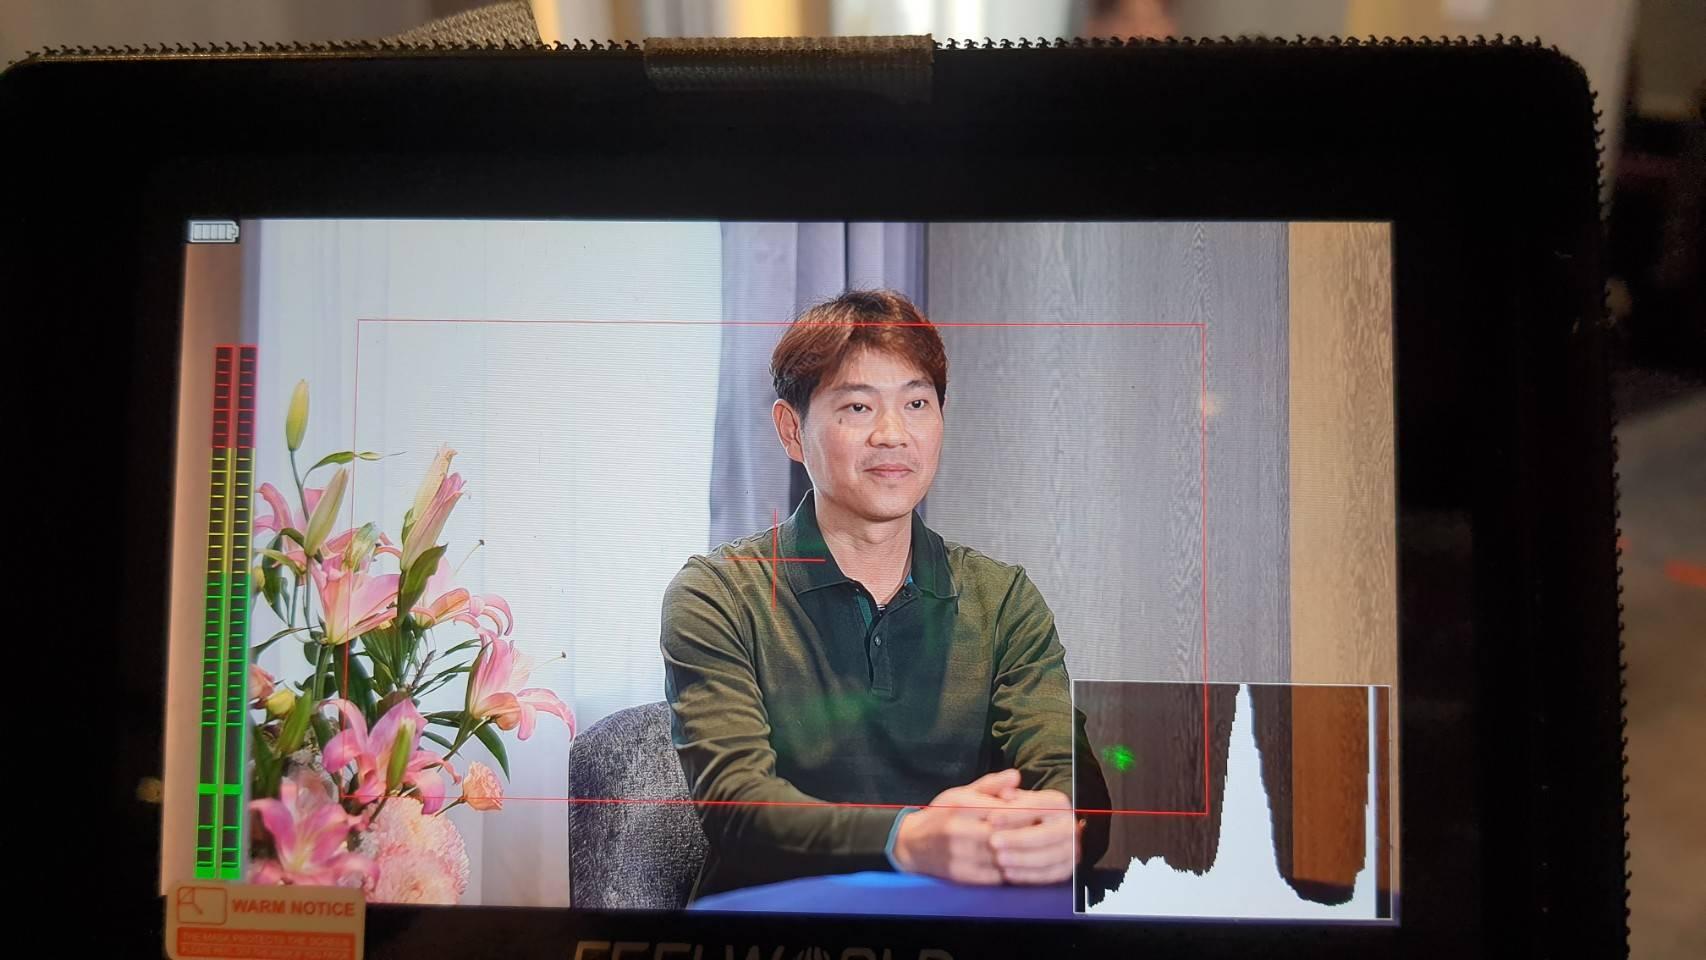 星澤國際-讓世界都看見-電視專訪節目-安杰爾-游祈盛與楊含容監督製作